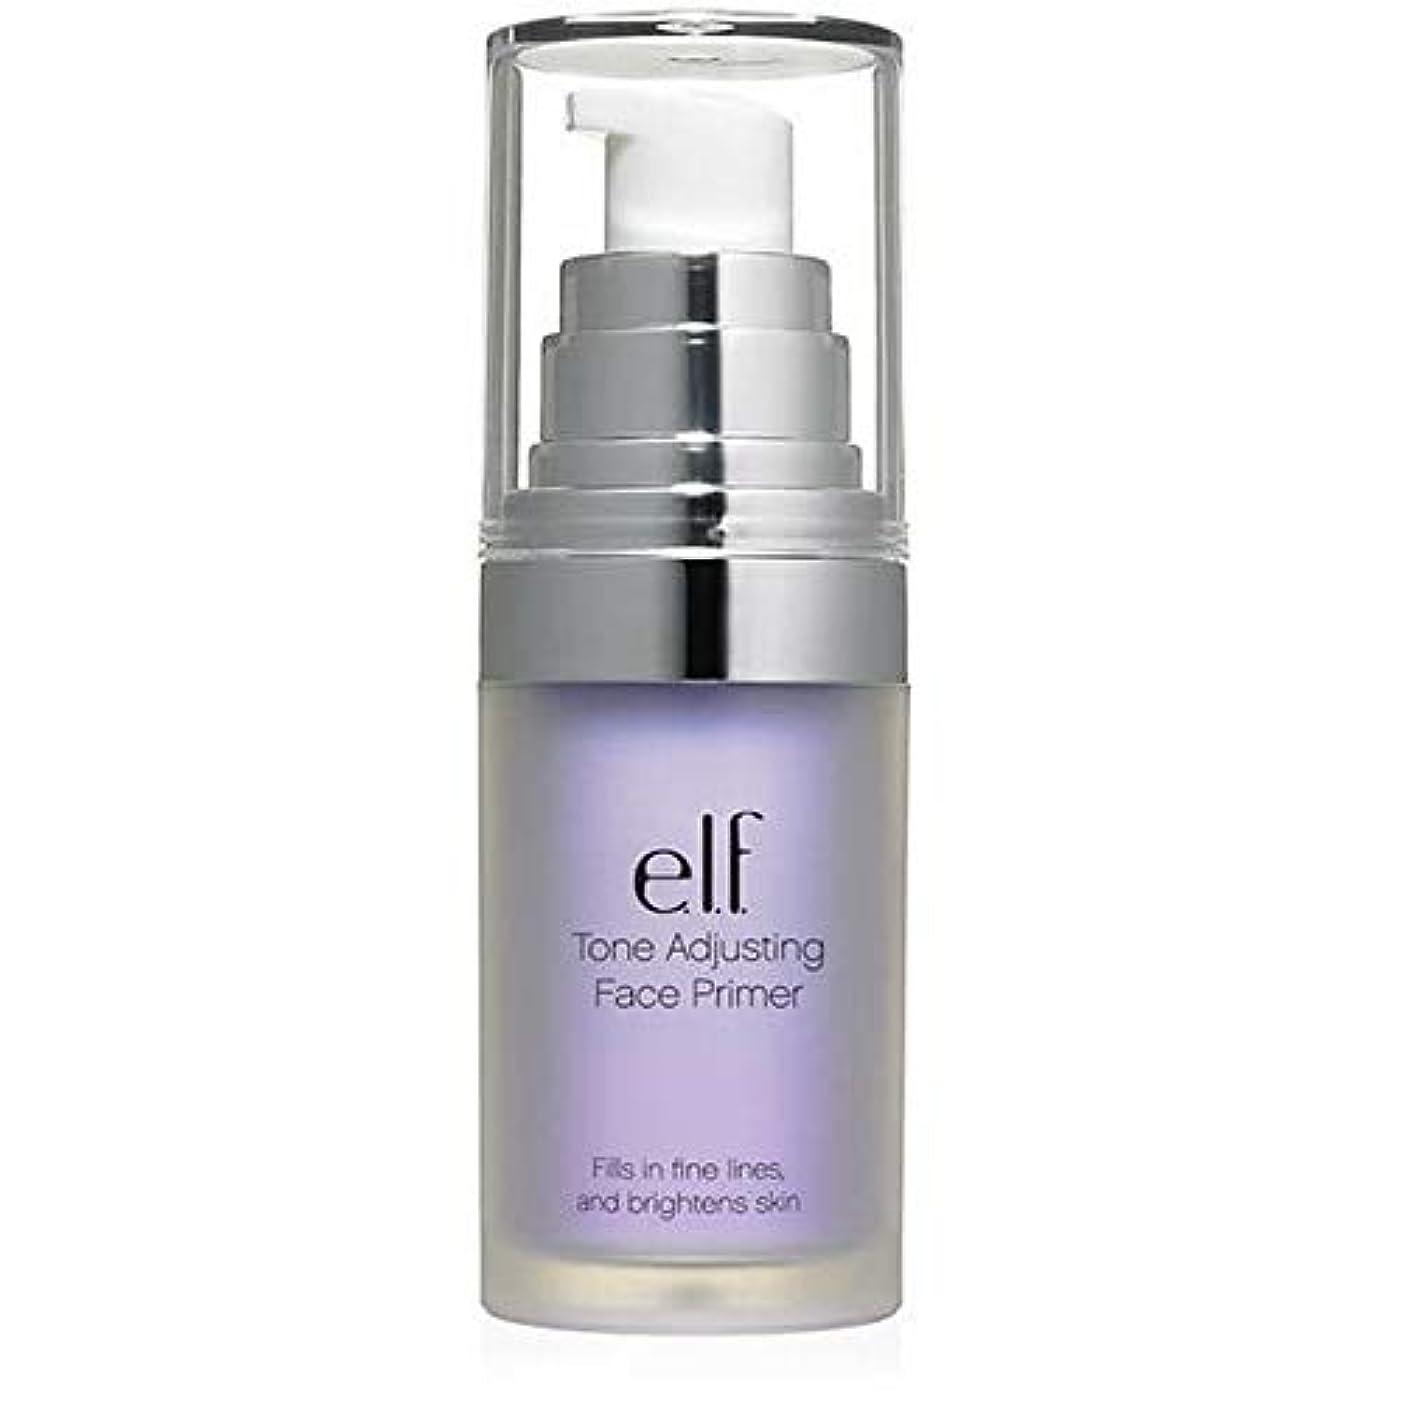 敷居ボクシング損失[Elf ] エルフ。ラベンダー403を明るくトーン調整顔プライマー - e.l.f. Tone Adjusting Face Primer Brightening Lavender 403 [並行輸入品]